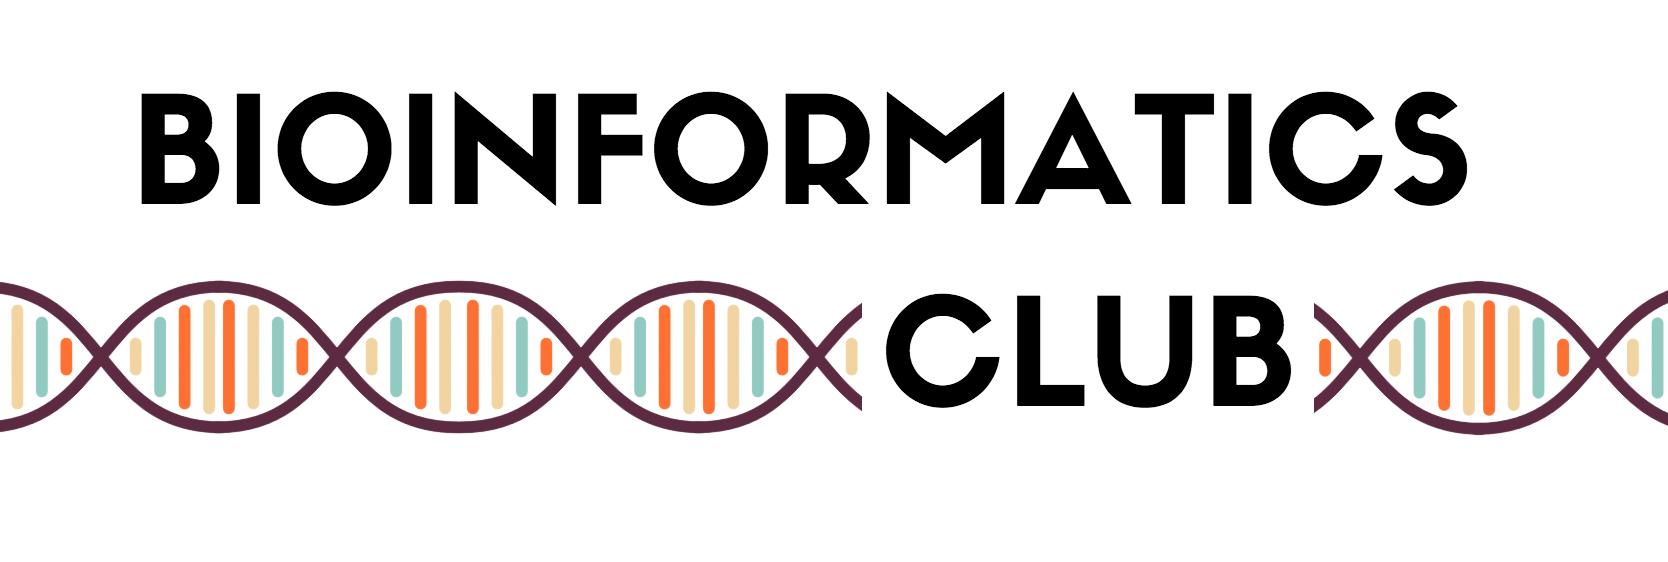 Bioinformatics Club